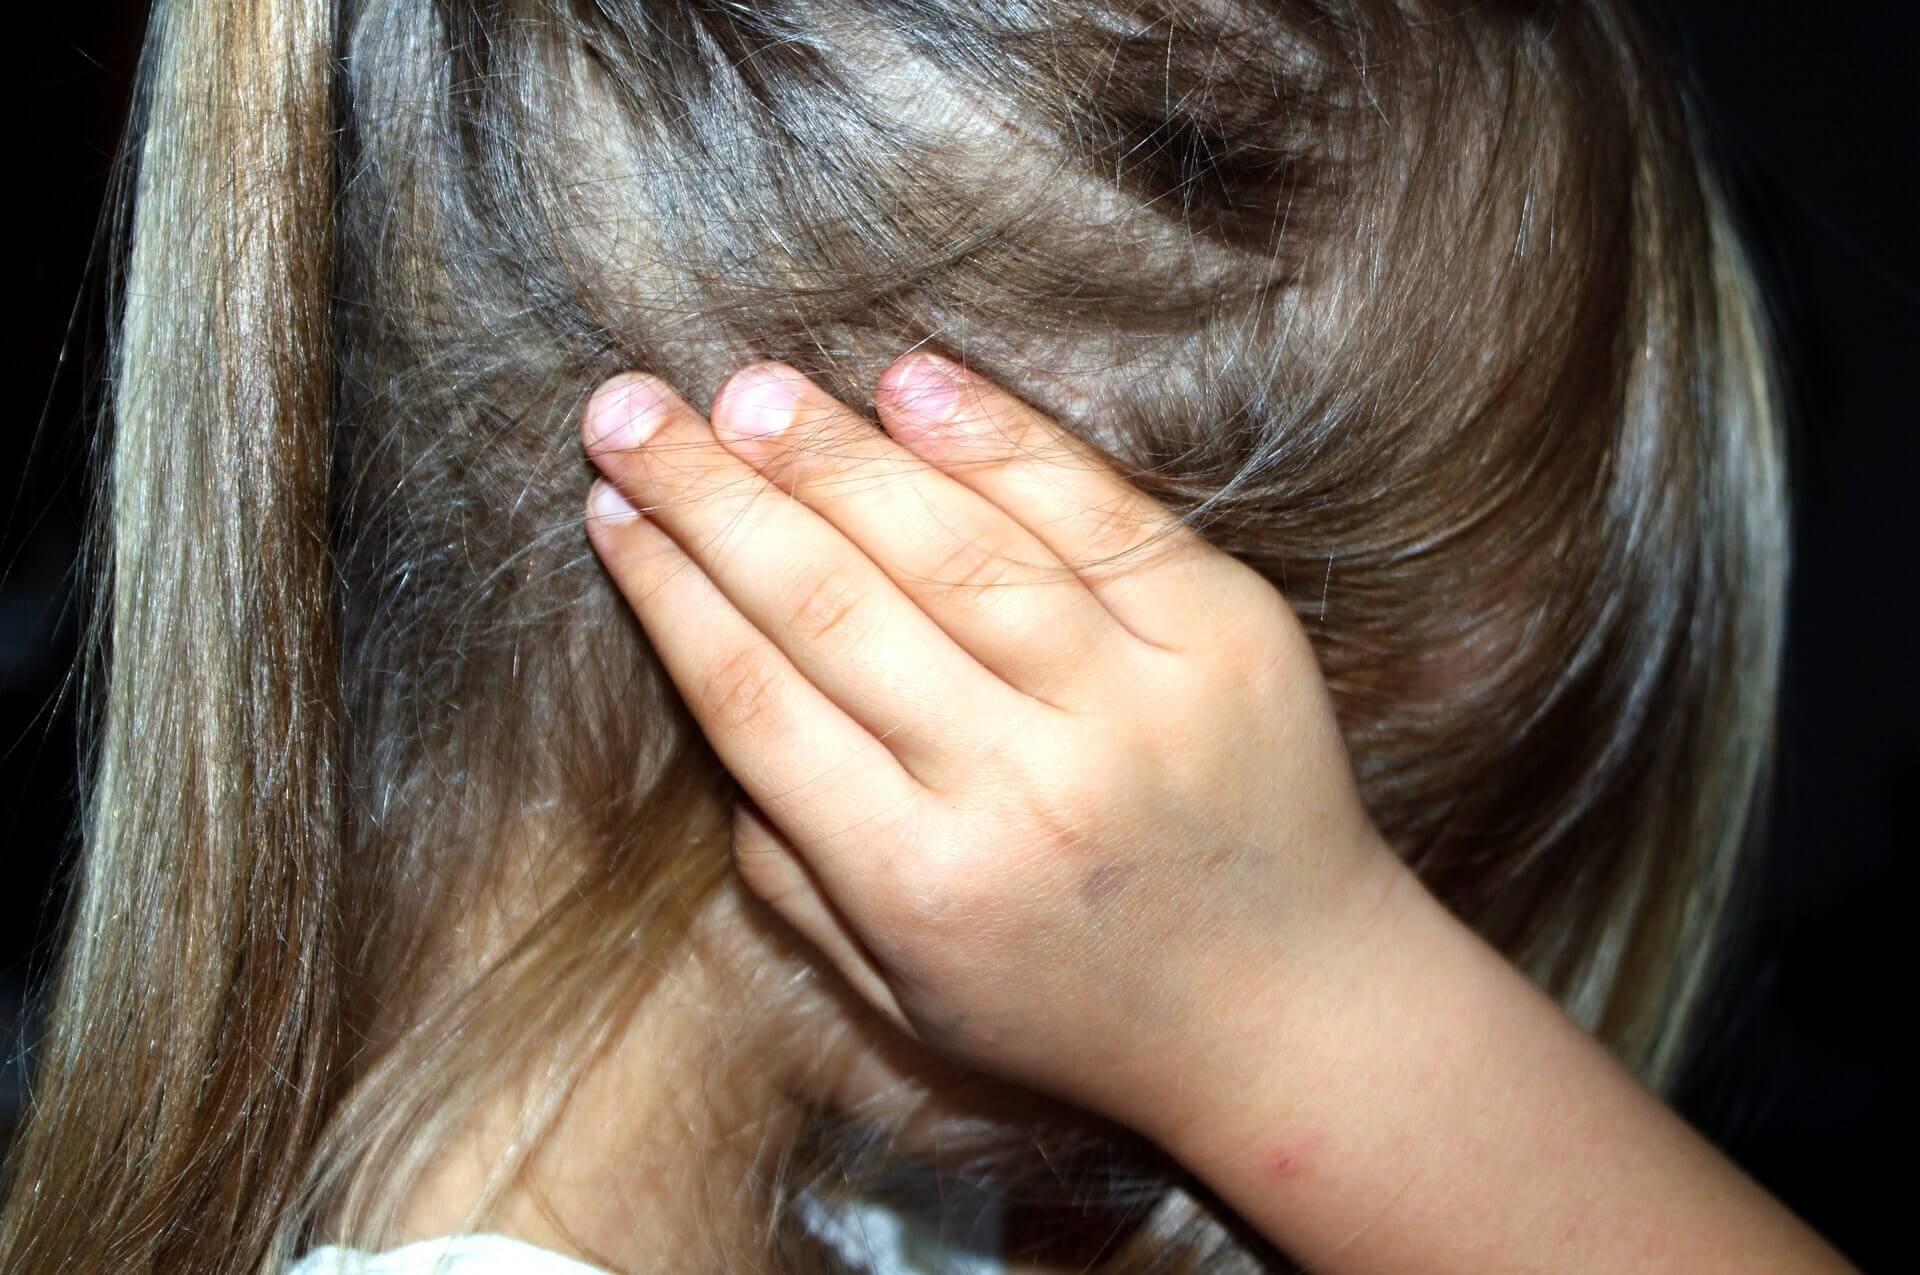 חובת דיווח על אלימות במשפחה